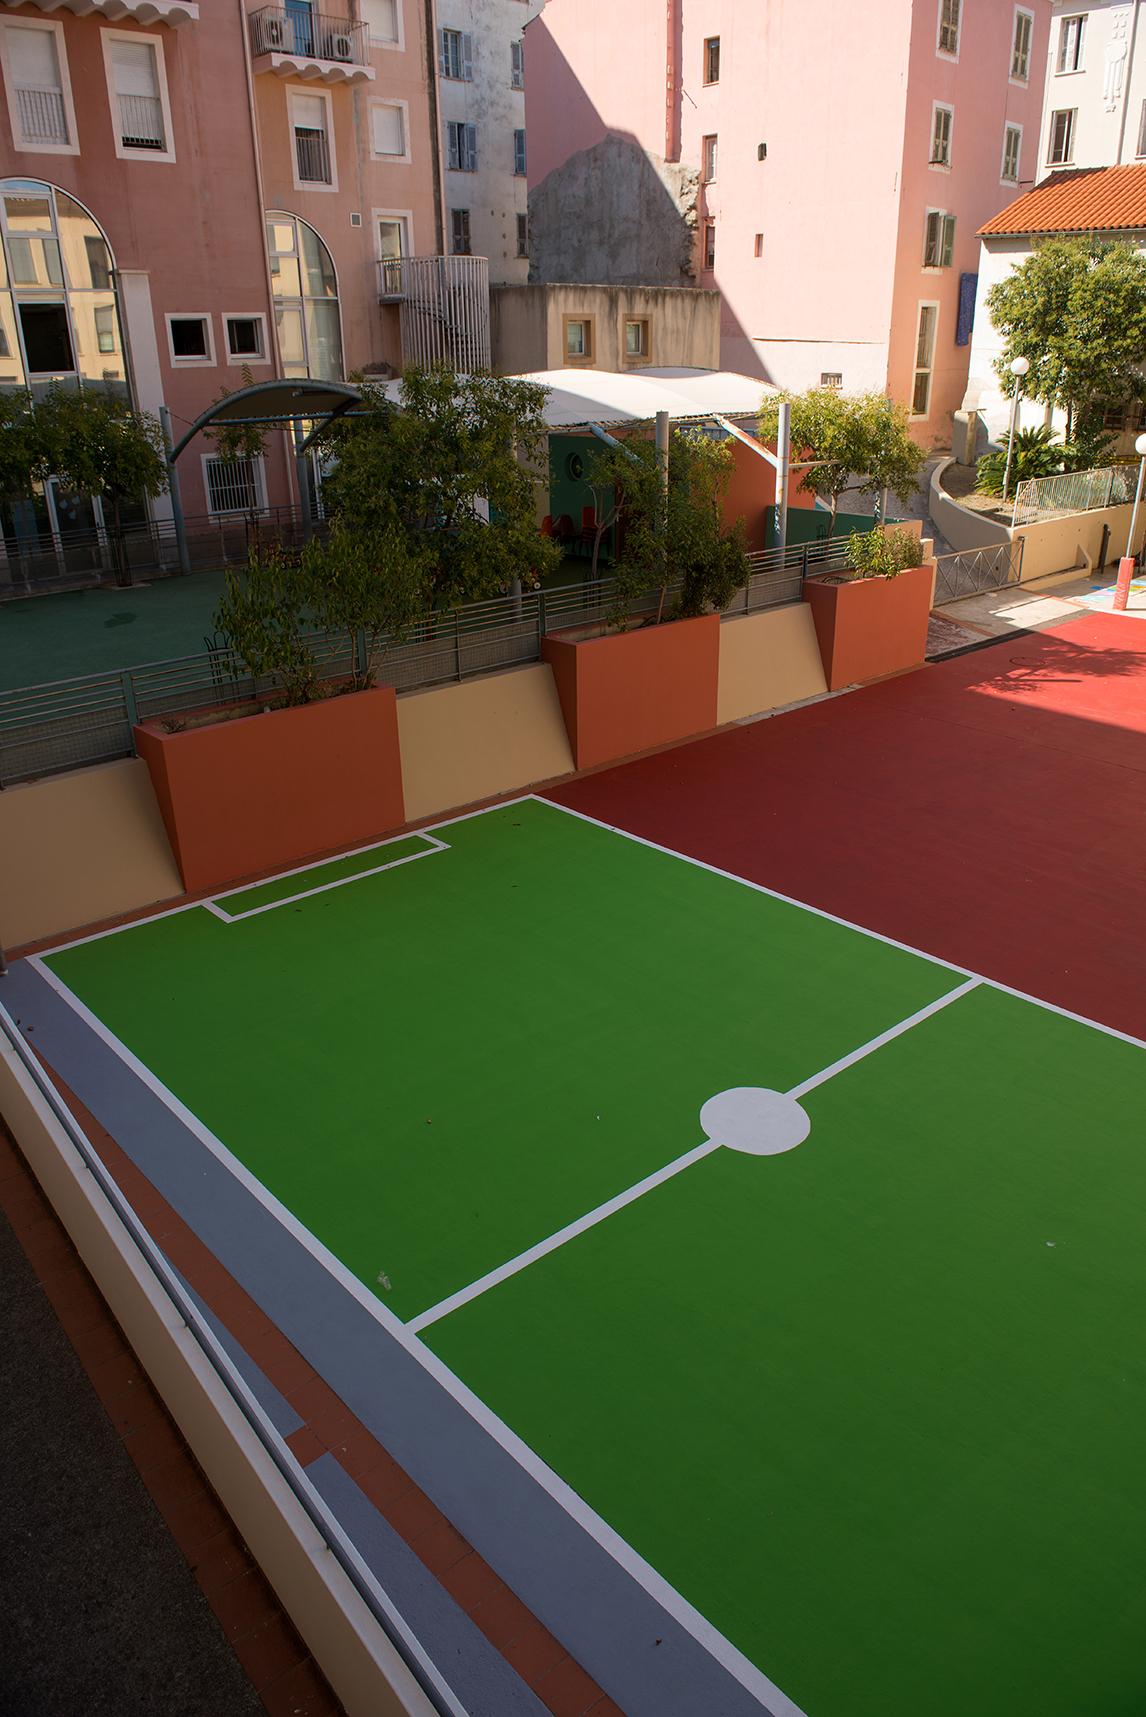 La cour de l'école Sampiero a bénéficié d'une réfection totale.